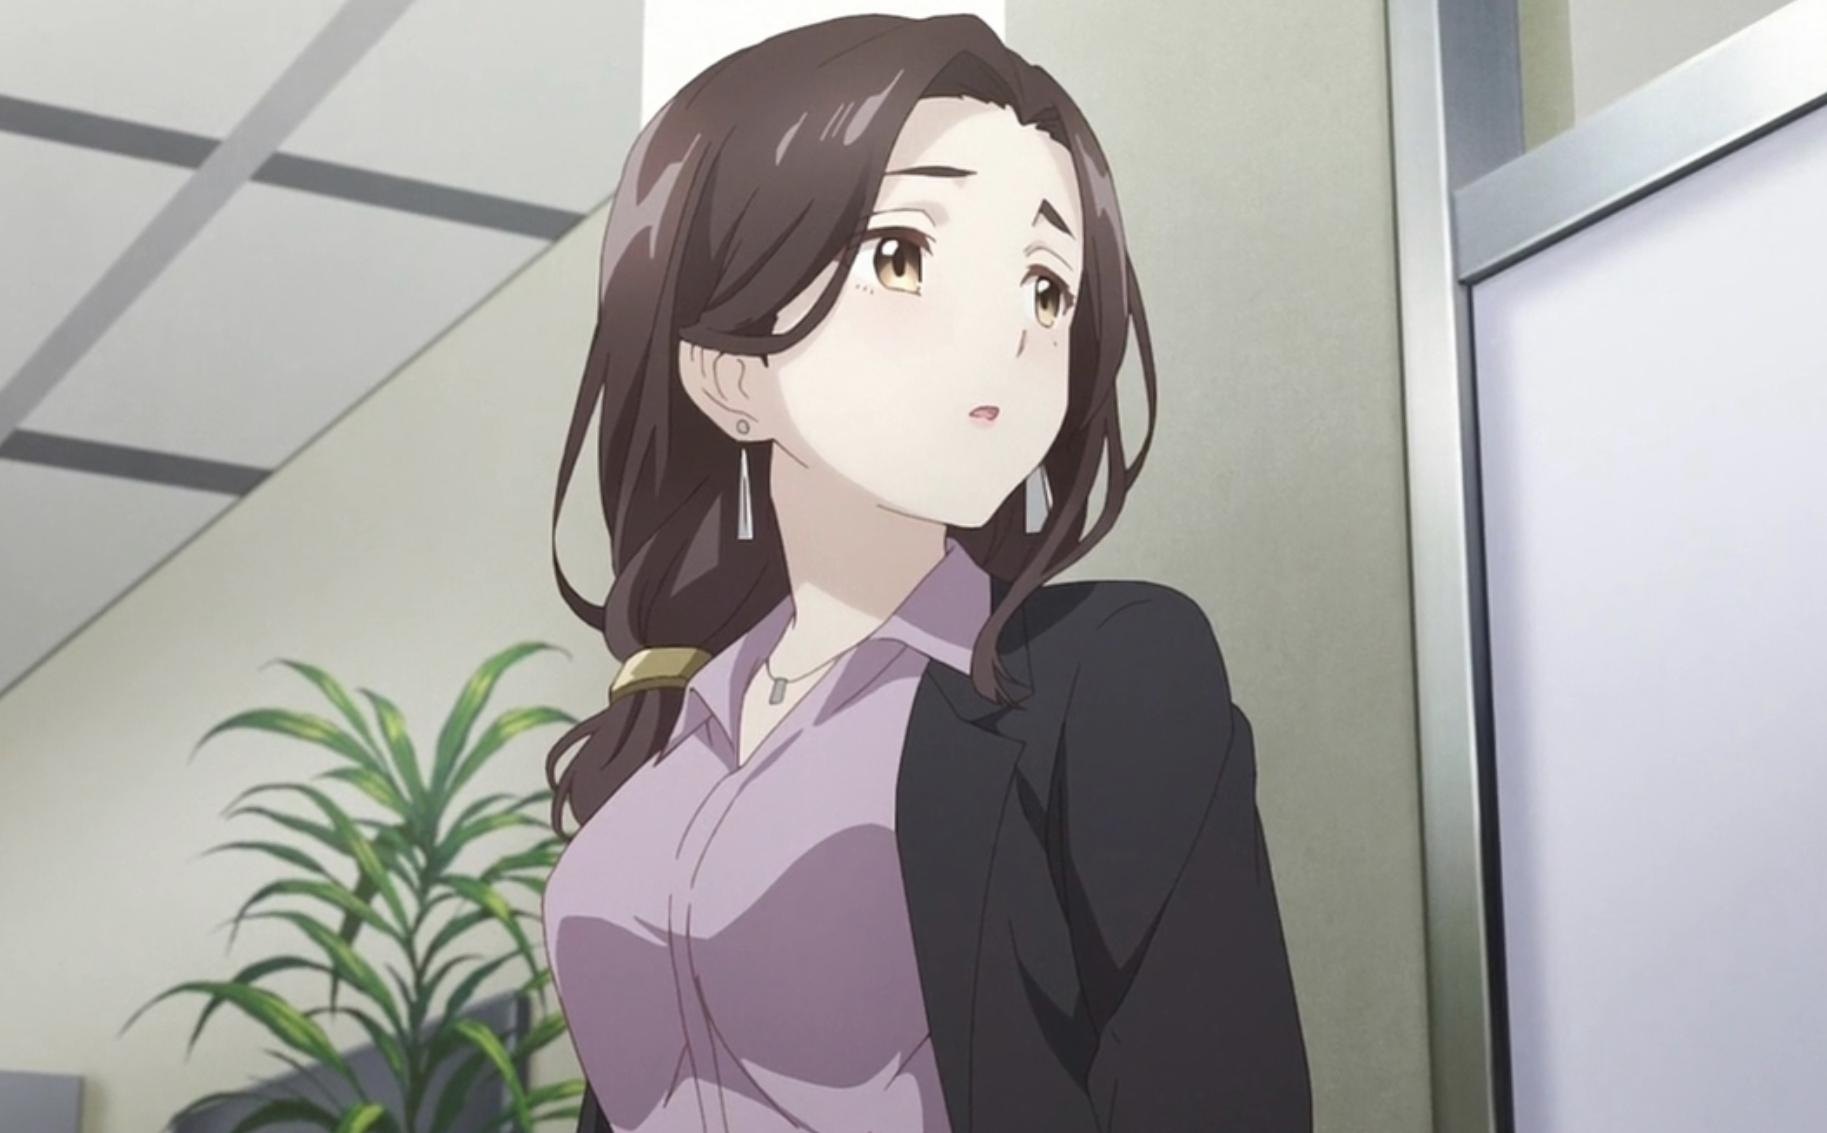 【ひげひろ】後藤さんの衝撃な事実と吉田への本心(好意)・過去(女子高生時代)も紹介